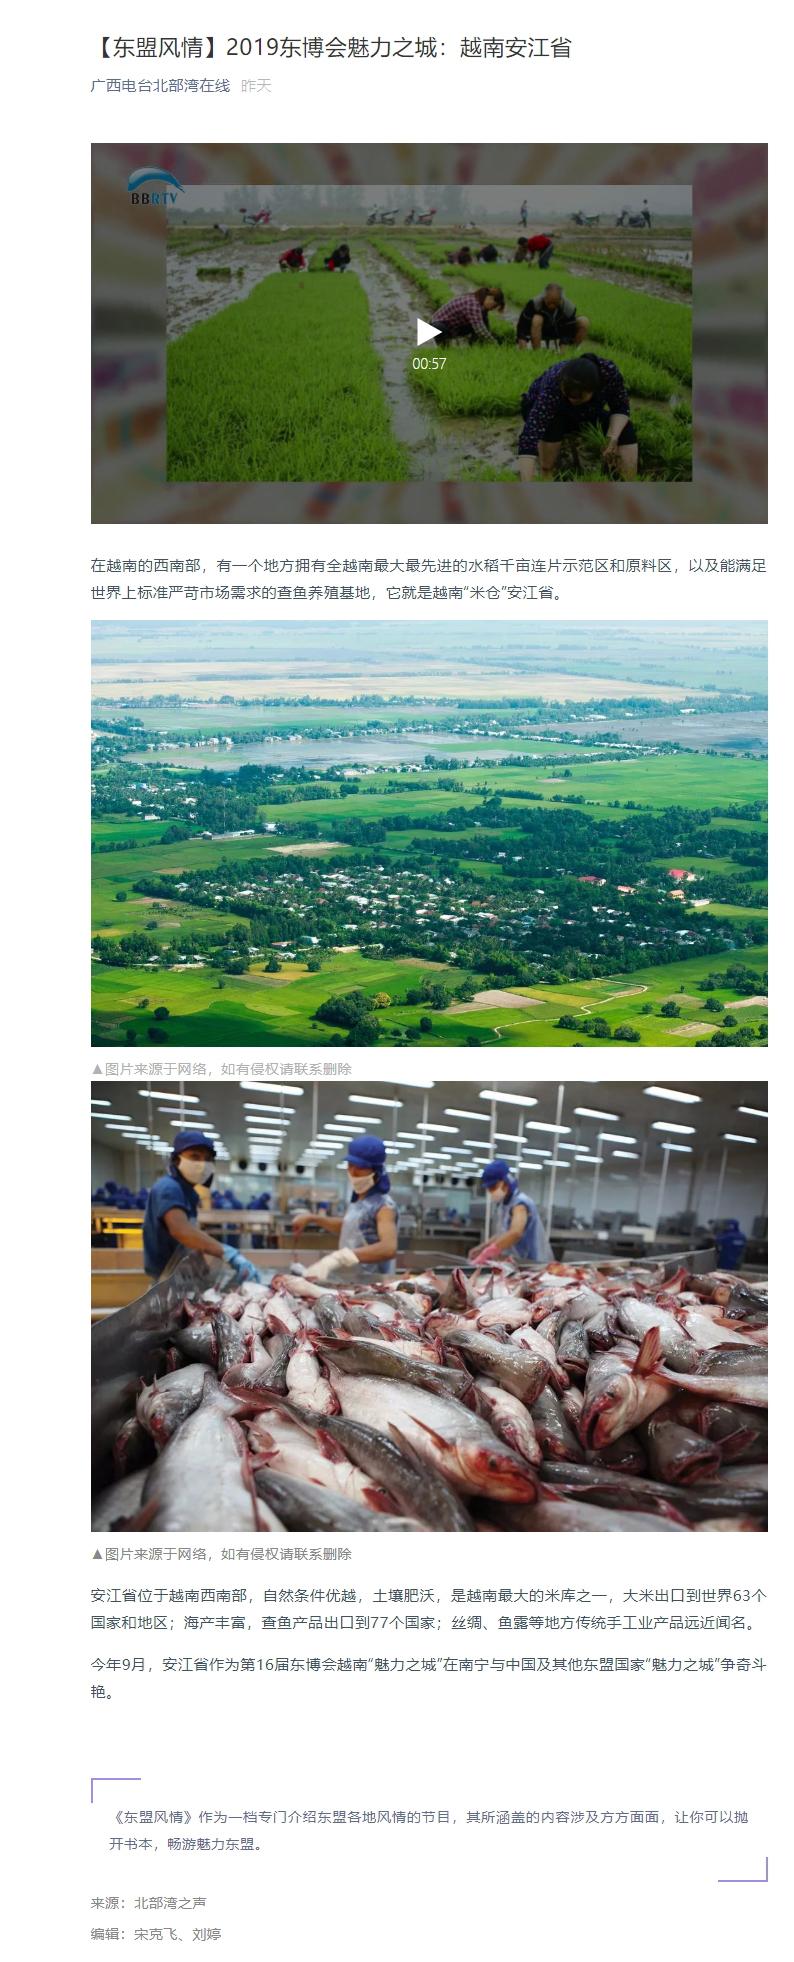 【东盟风情】2019东博会魅力之城:越南安江省